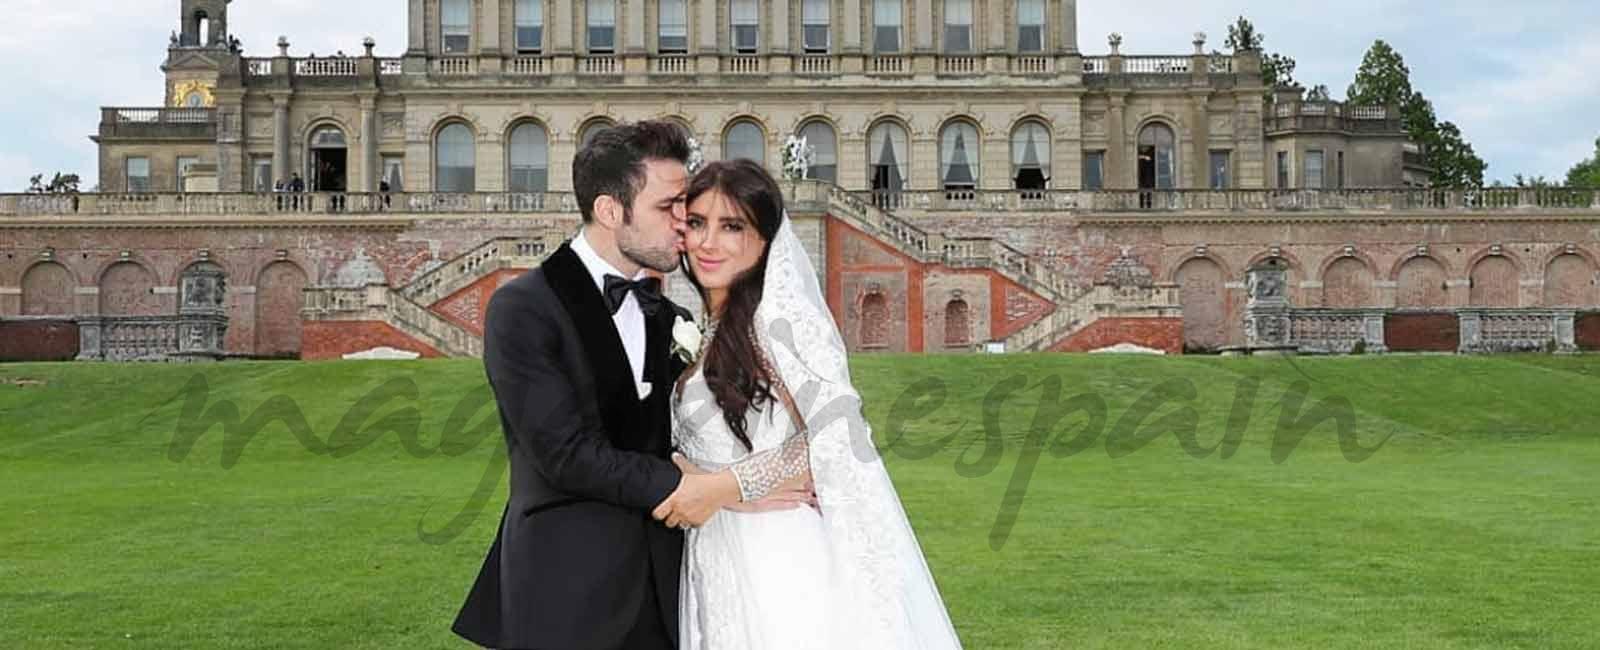 La romántica boda de Cesc Fabregas y Daniella Seeman